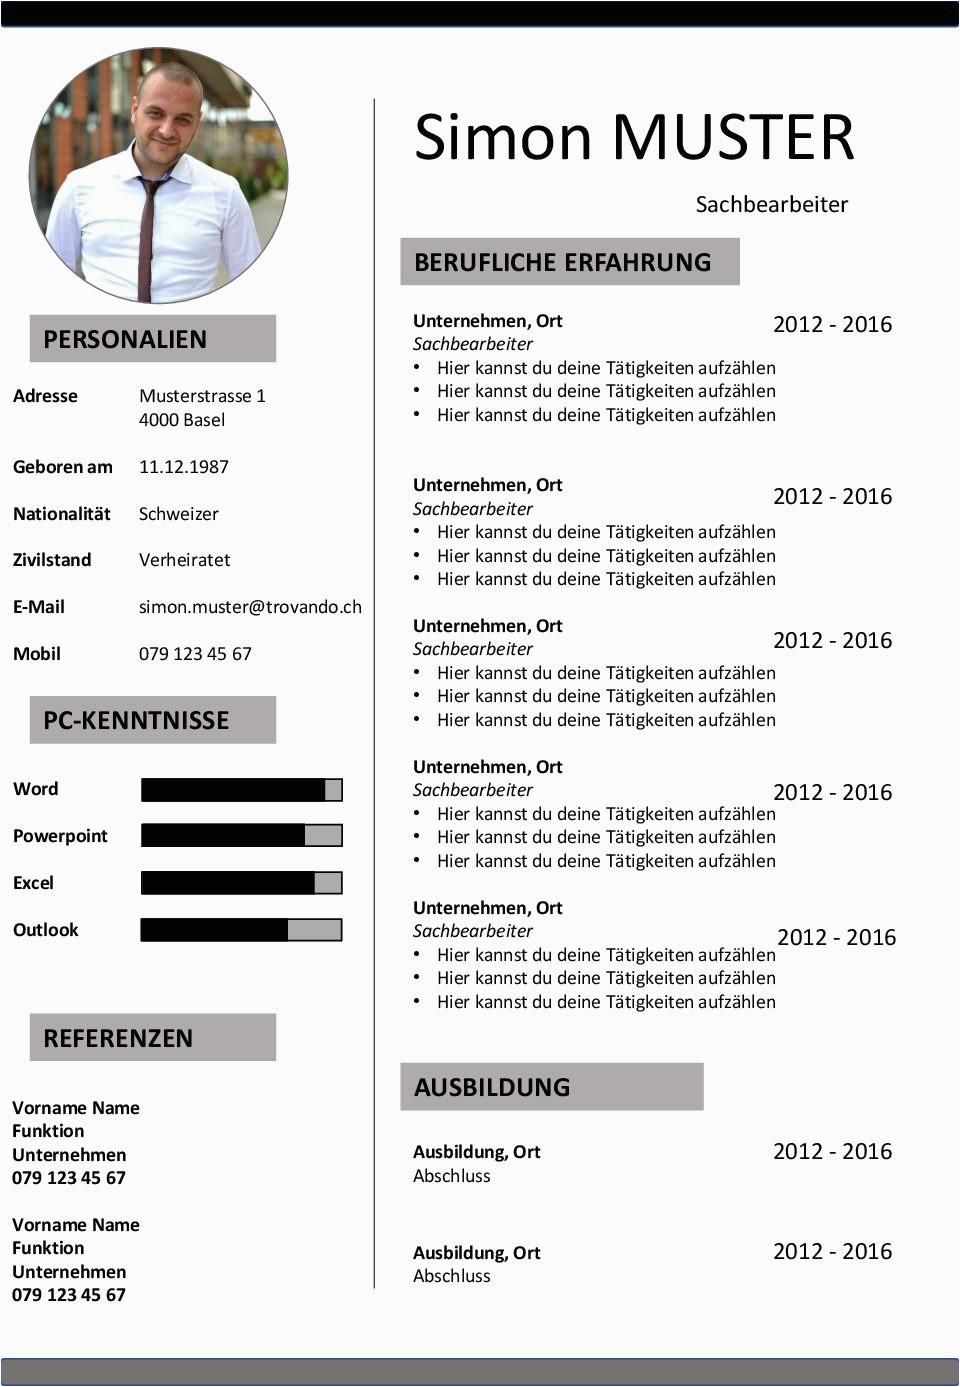 Der Sachbearbeiter pdf